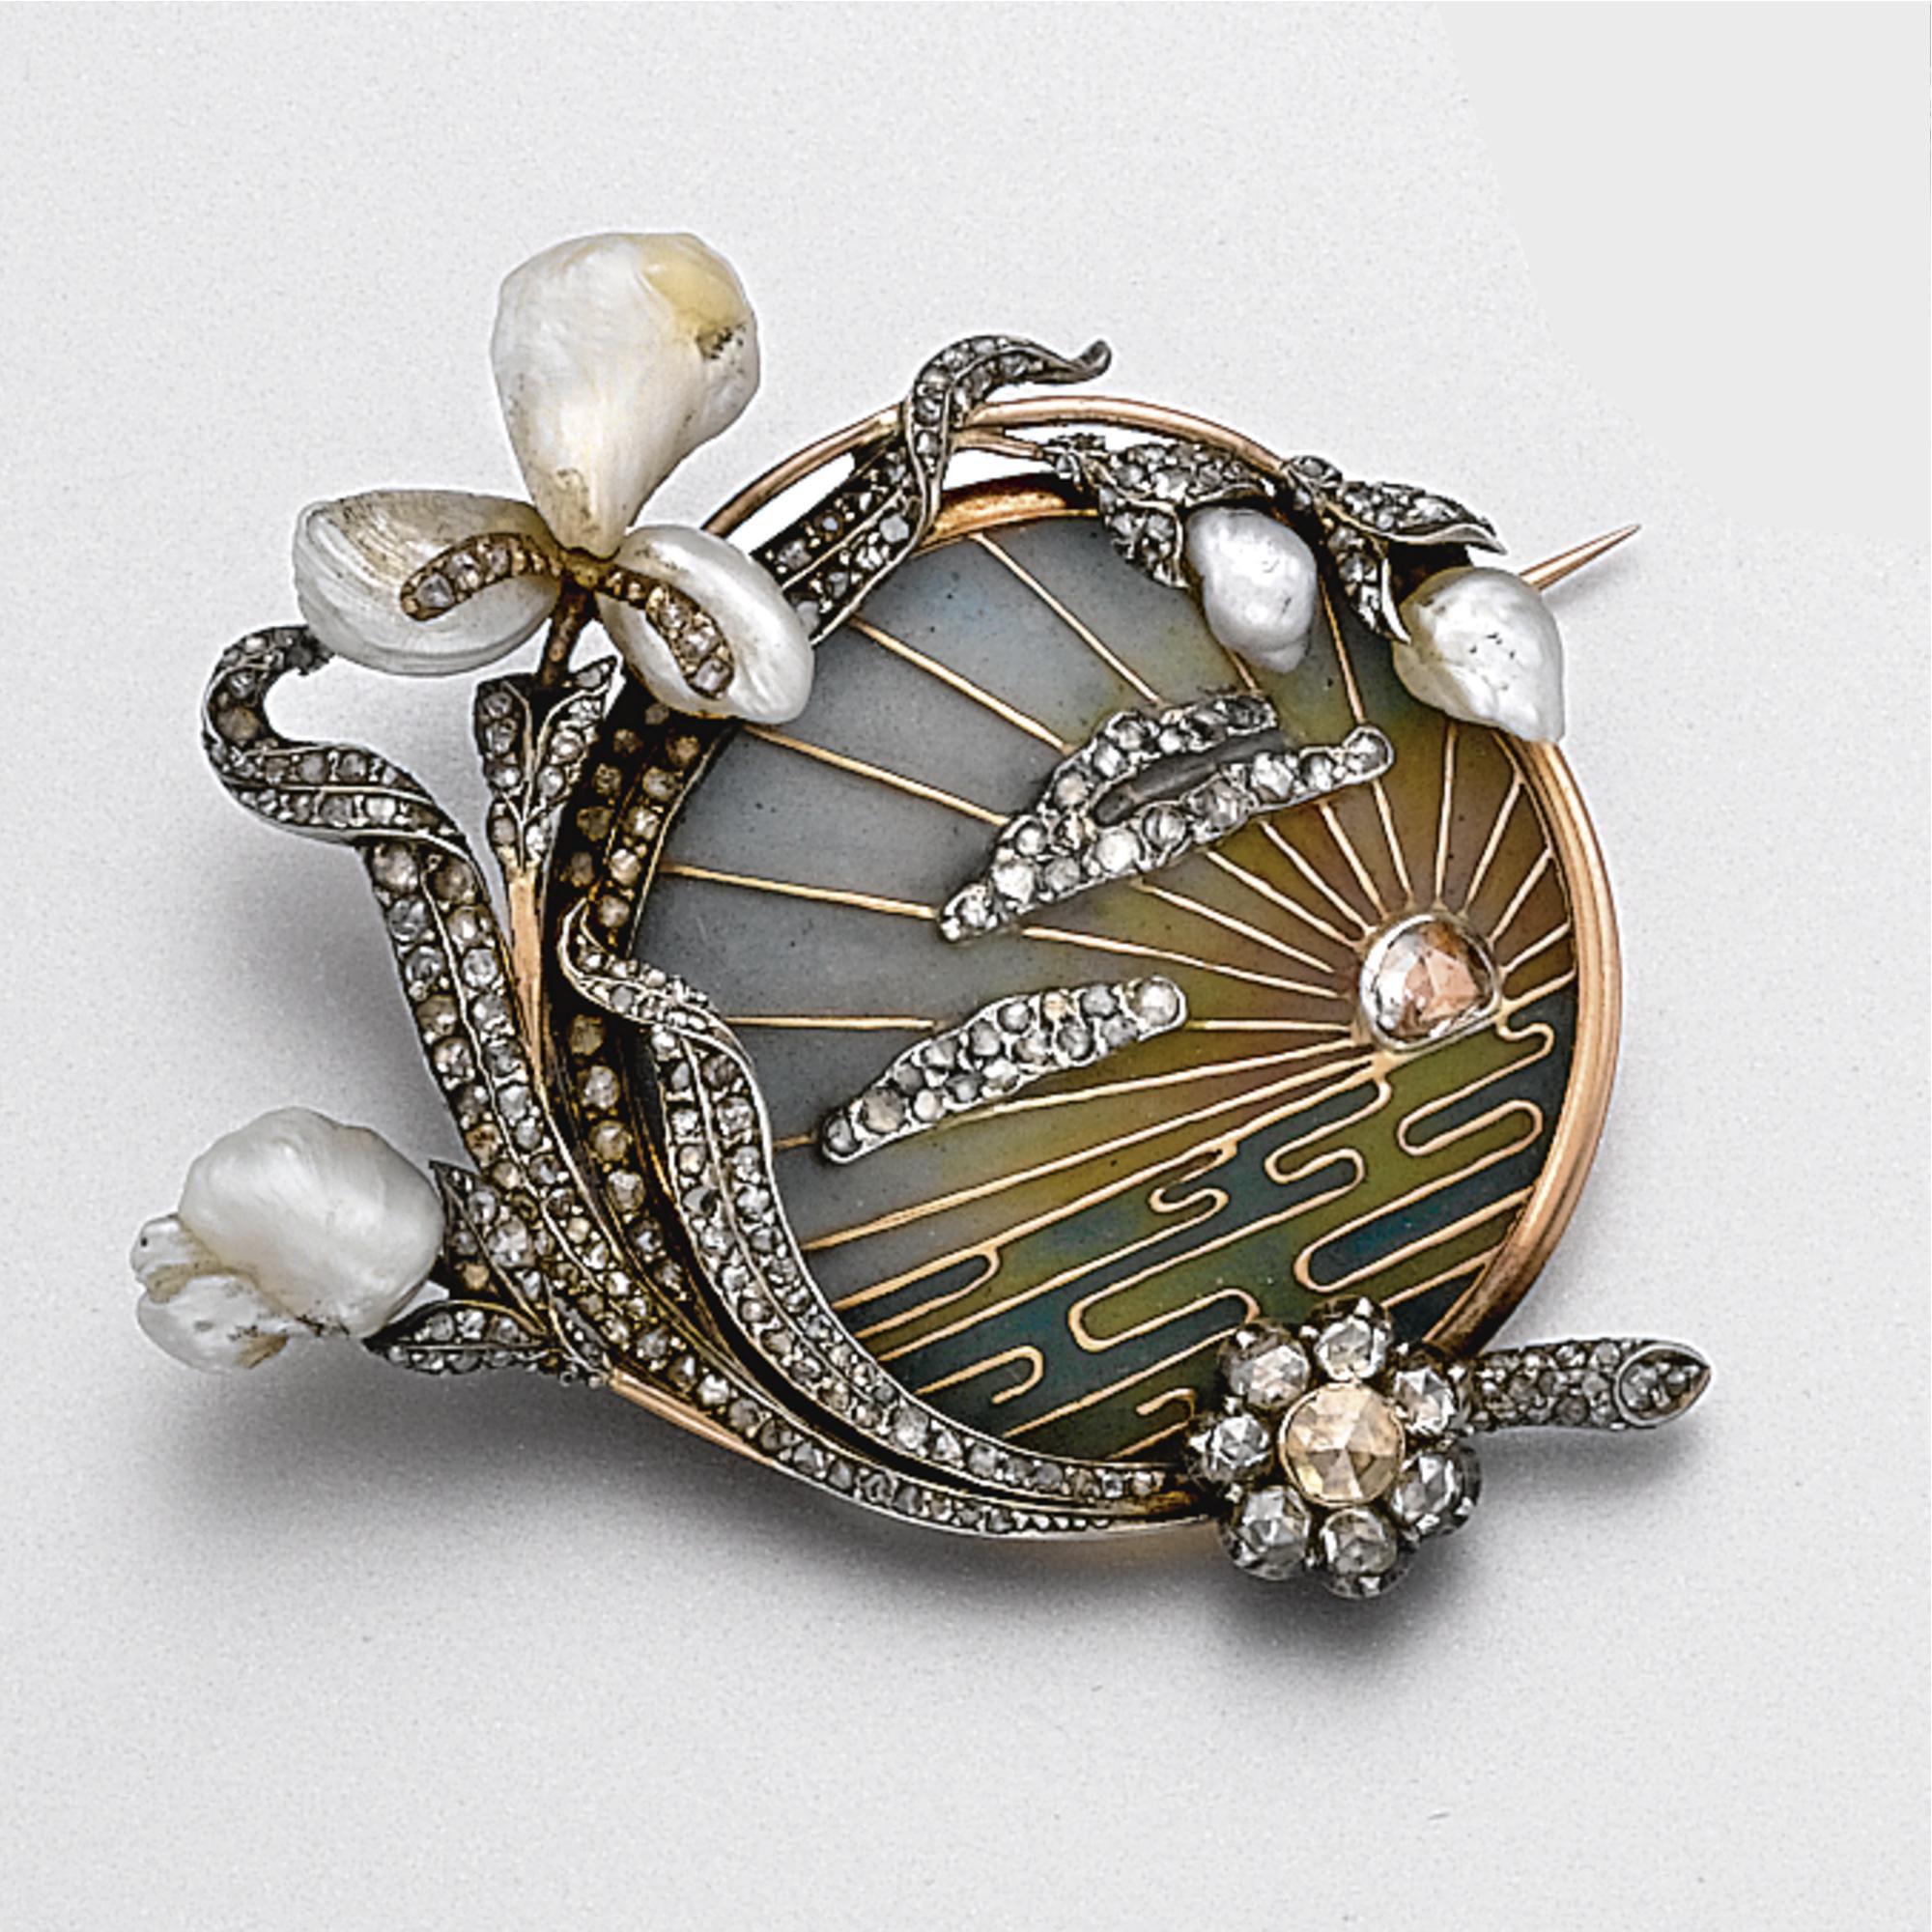 ART NOUVEAU PLIQUE-À-JOUR ENAMEL, DIAMOND AND PEARL BROOCH, CIRCA 1900 SOTHEBY'S